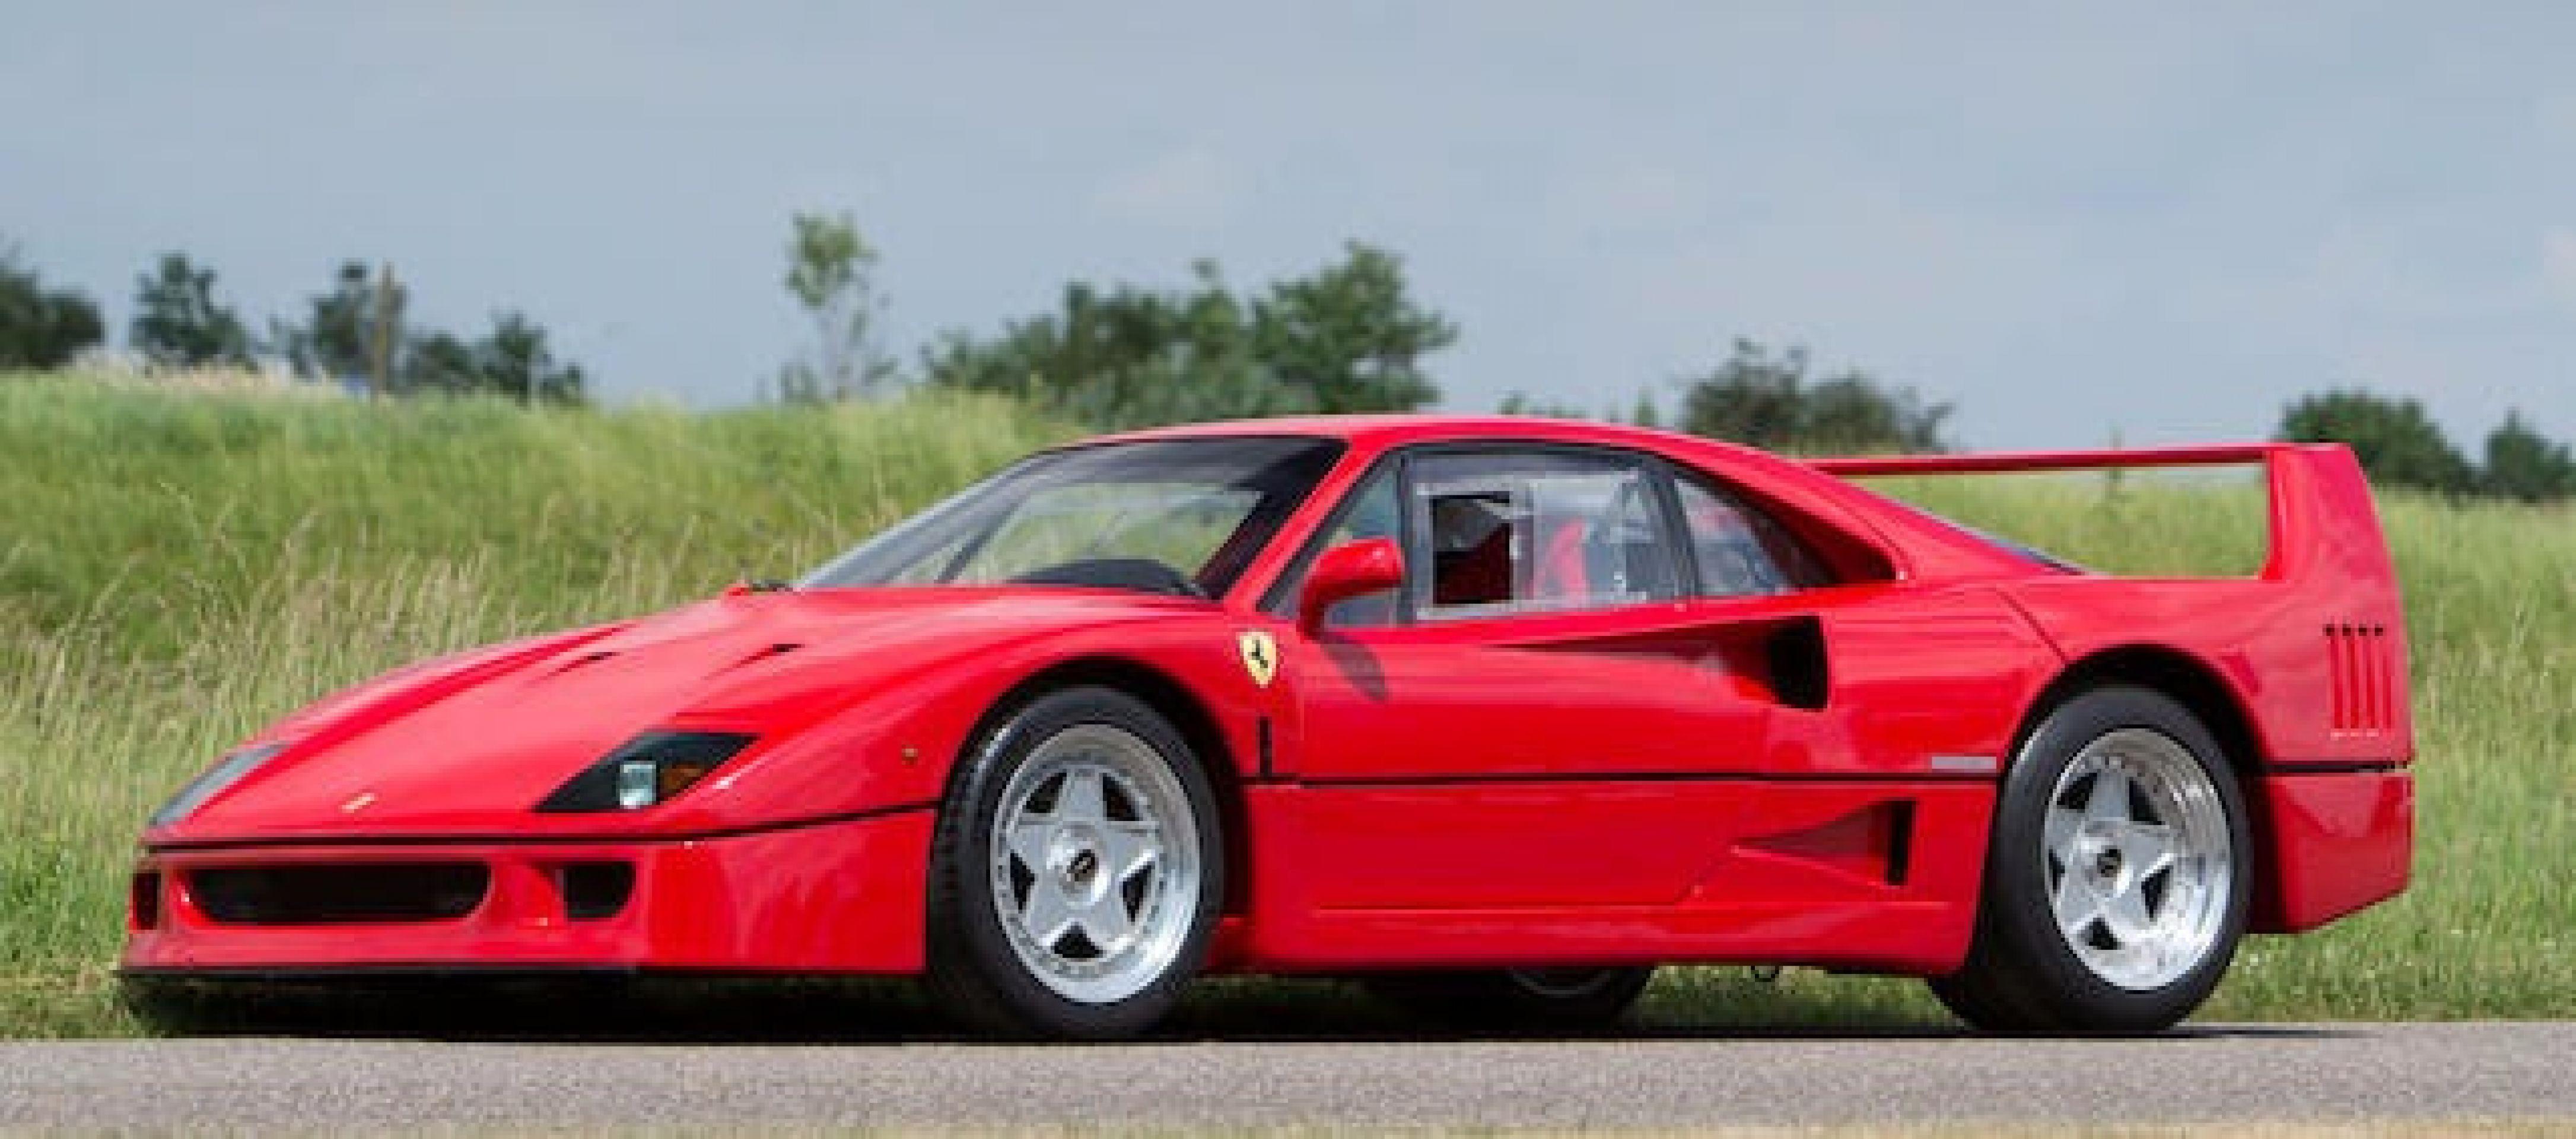 1988 Ferrari F40 Berlinetta